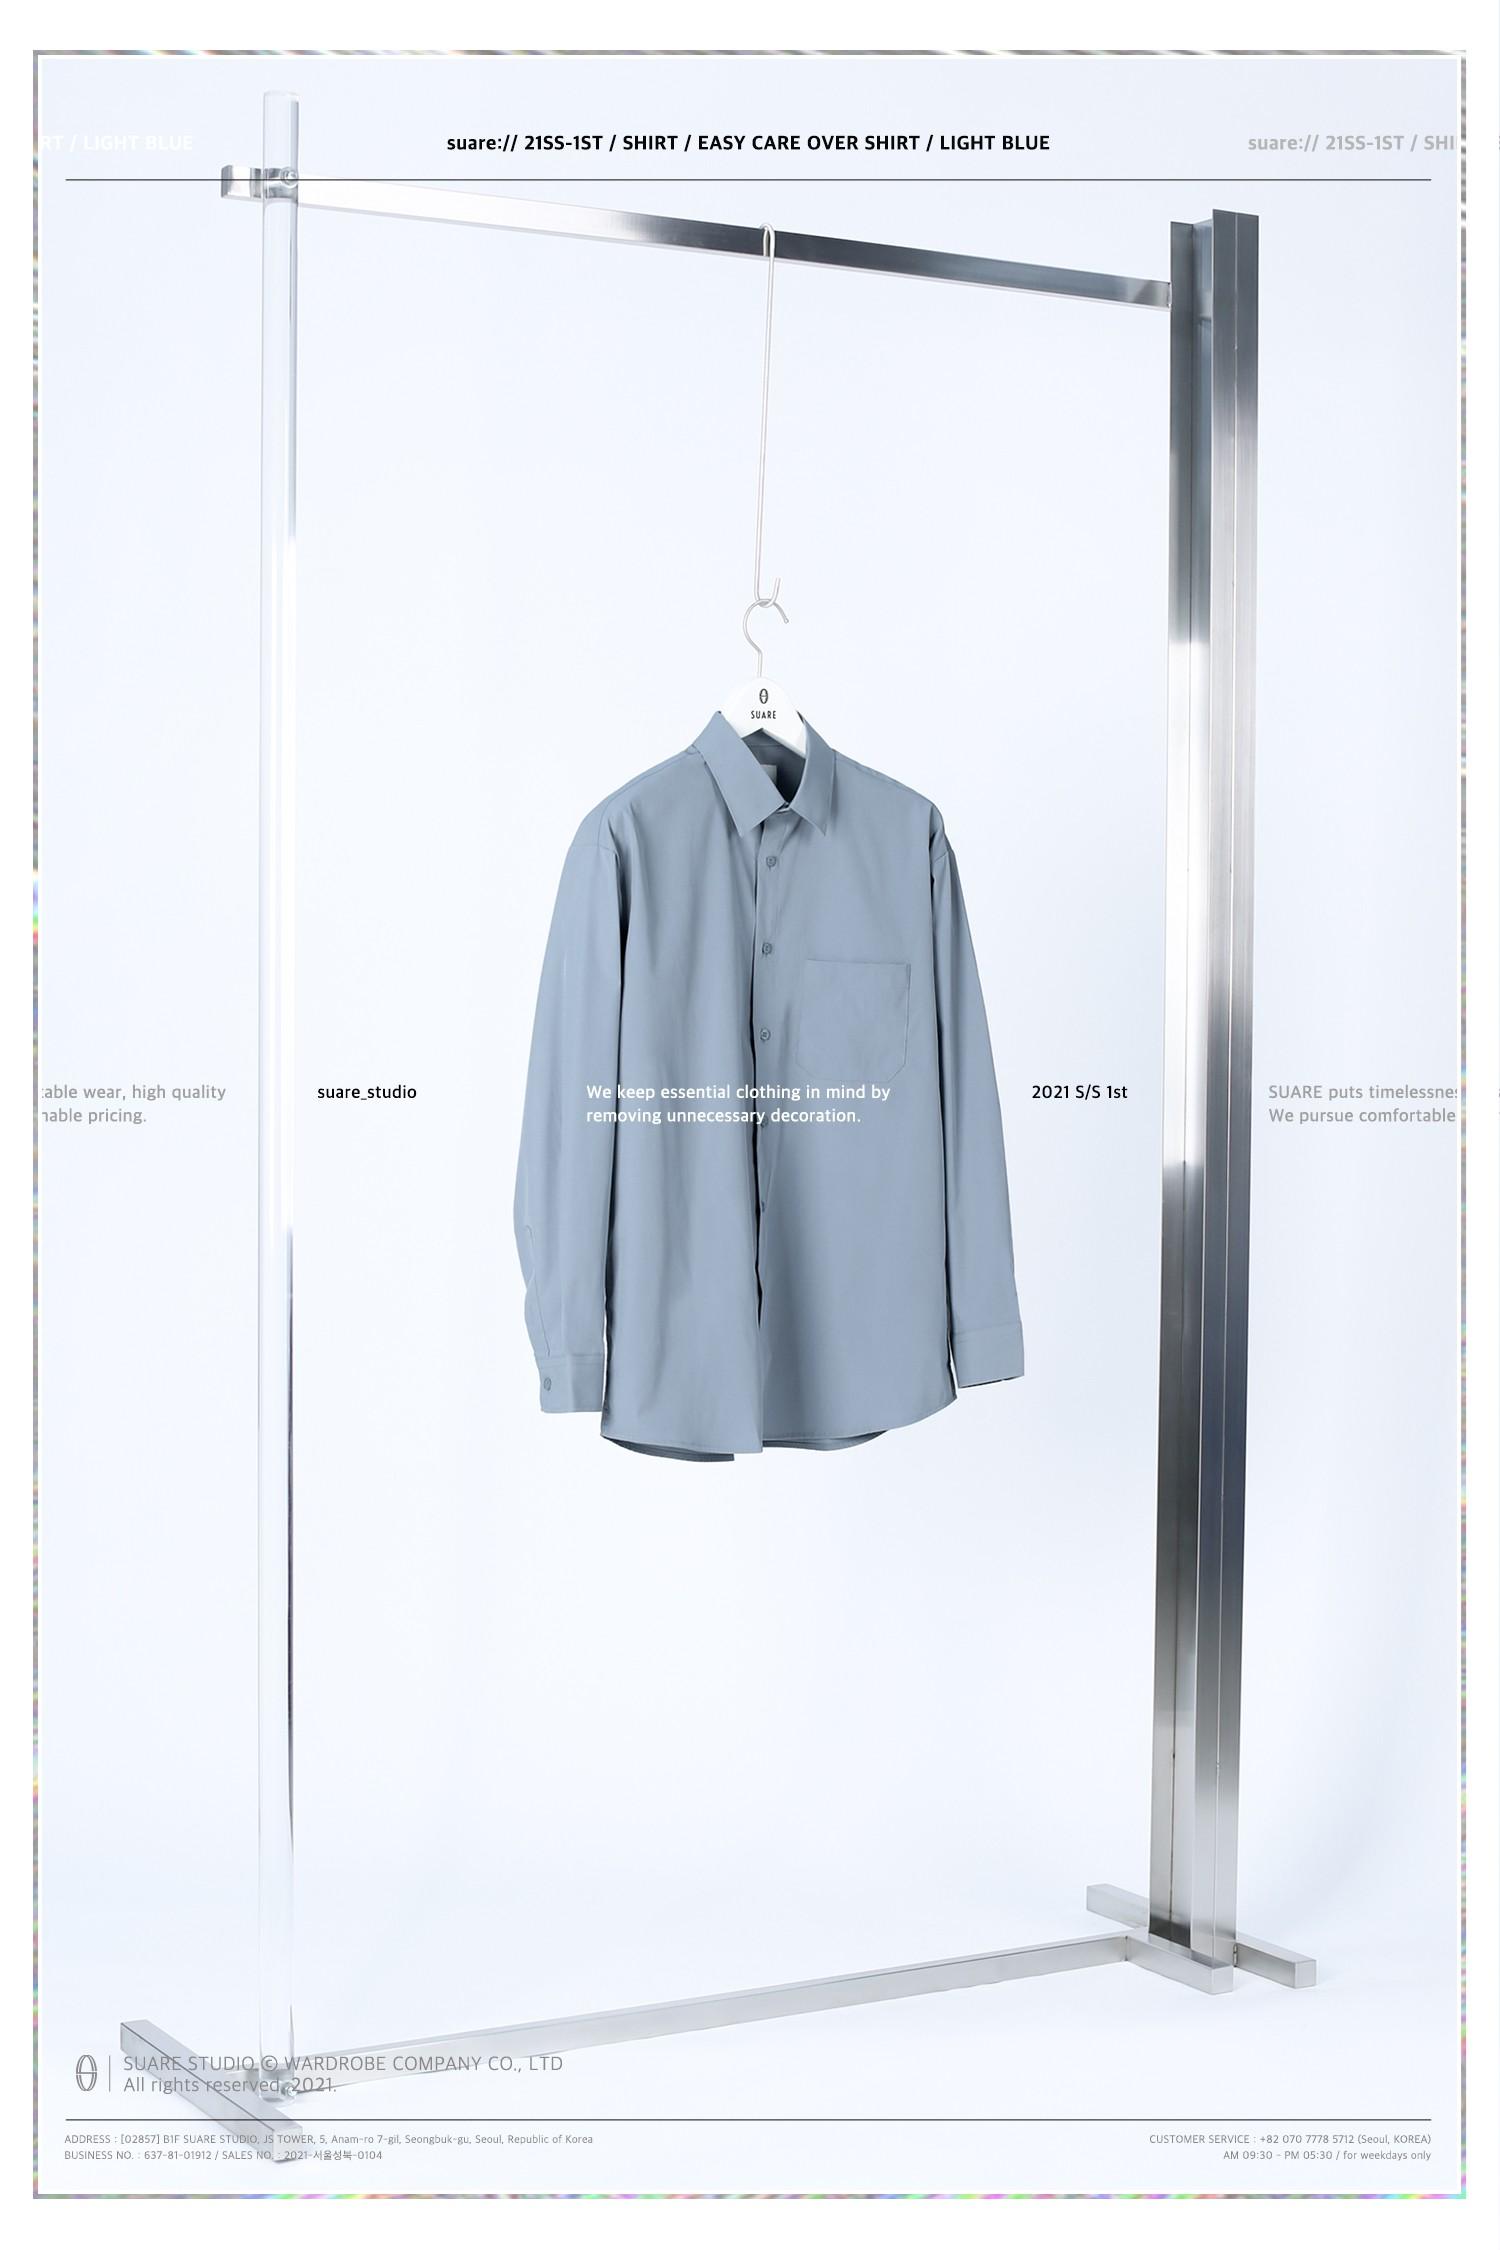 수아레(SUARE) 이지 케어 오버 셔츠 라이트블루